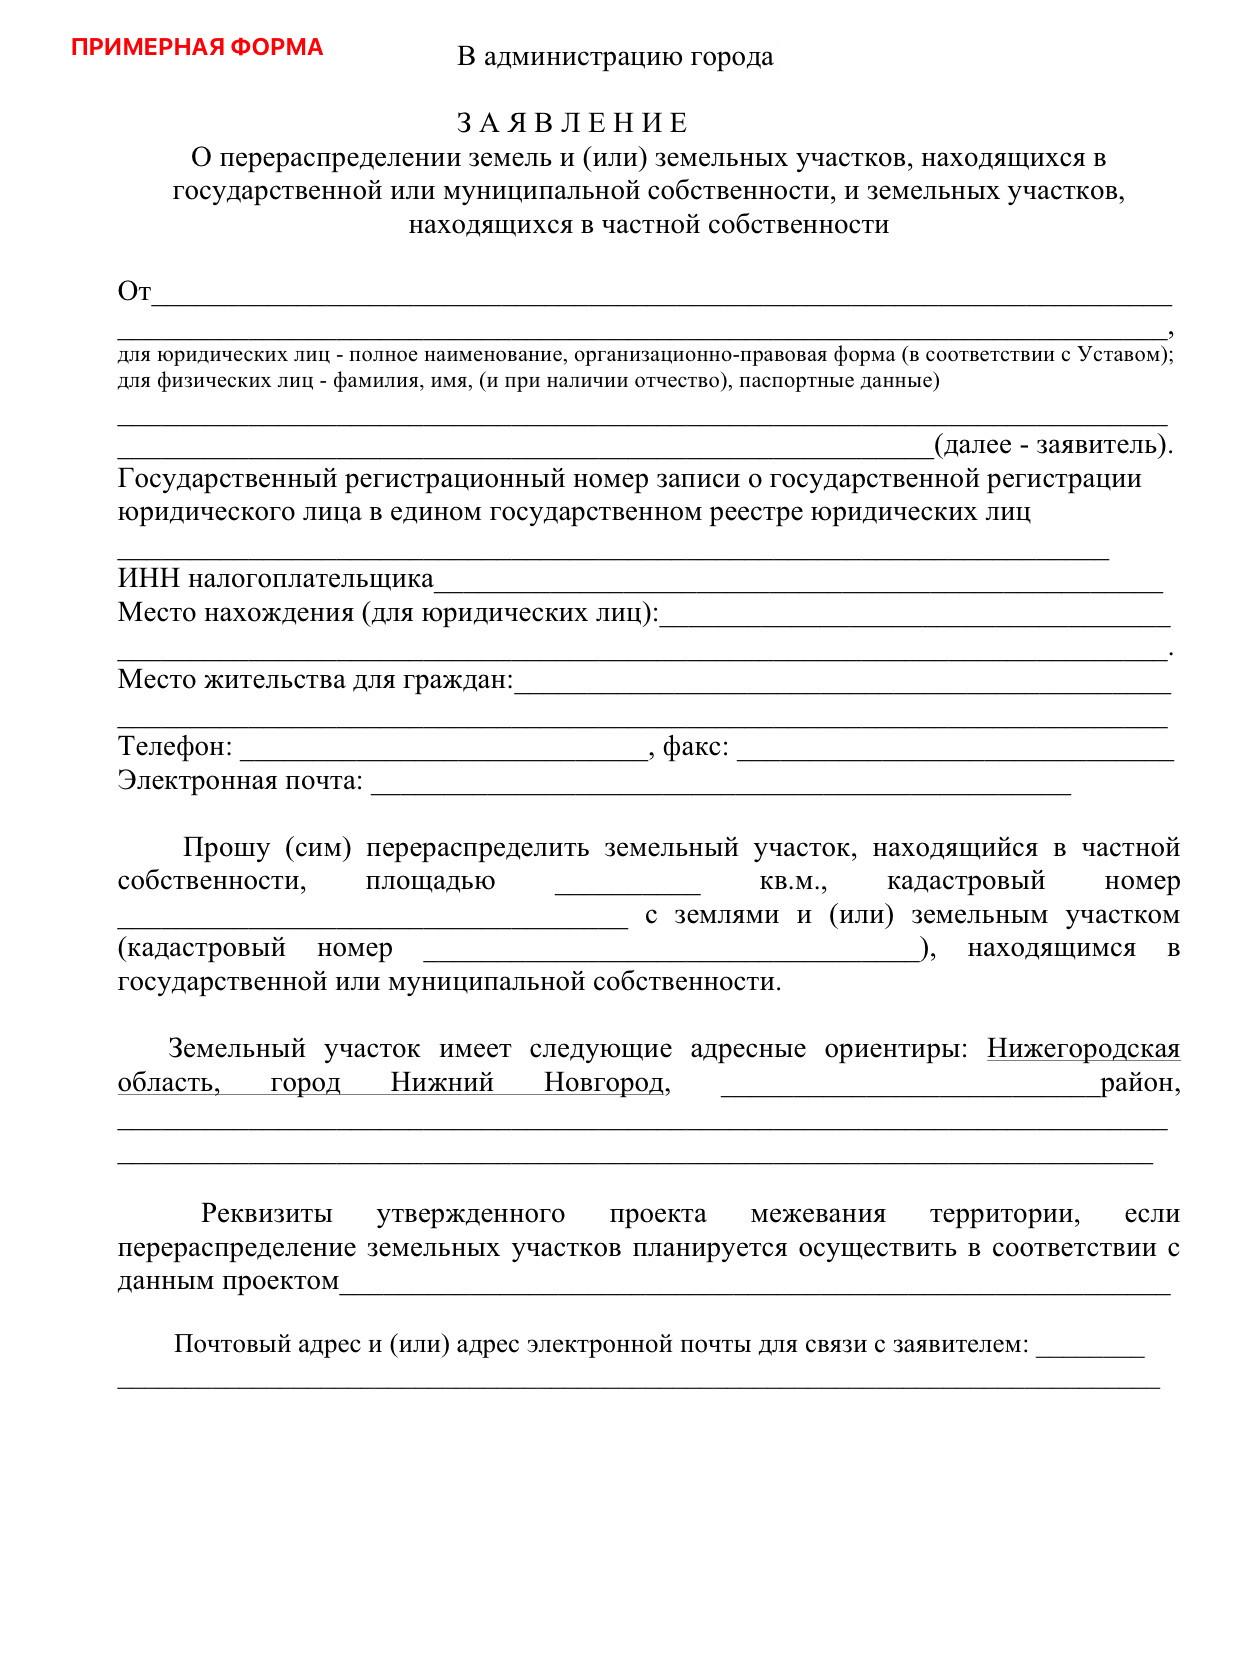 Богданова наталья сергеевна брянск судья биография